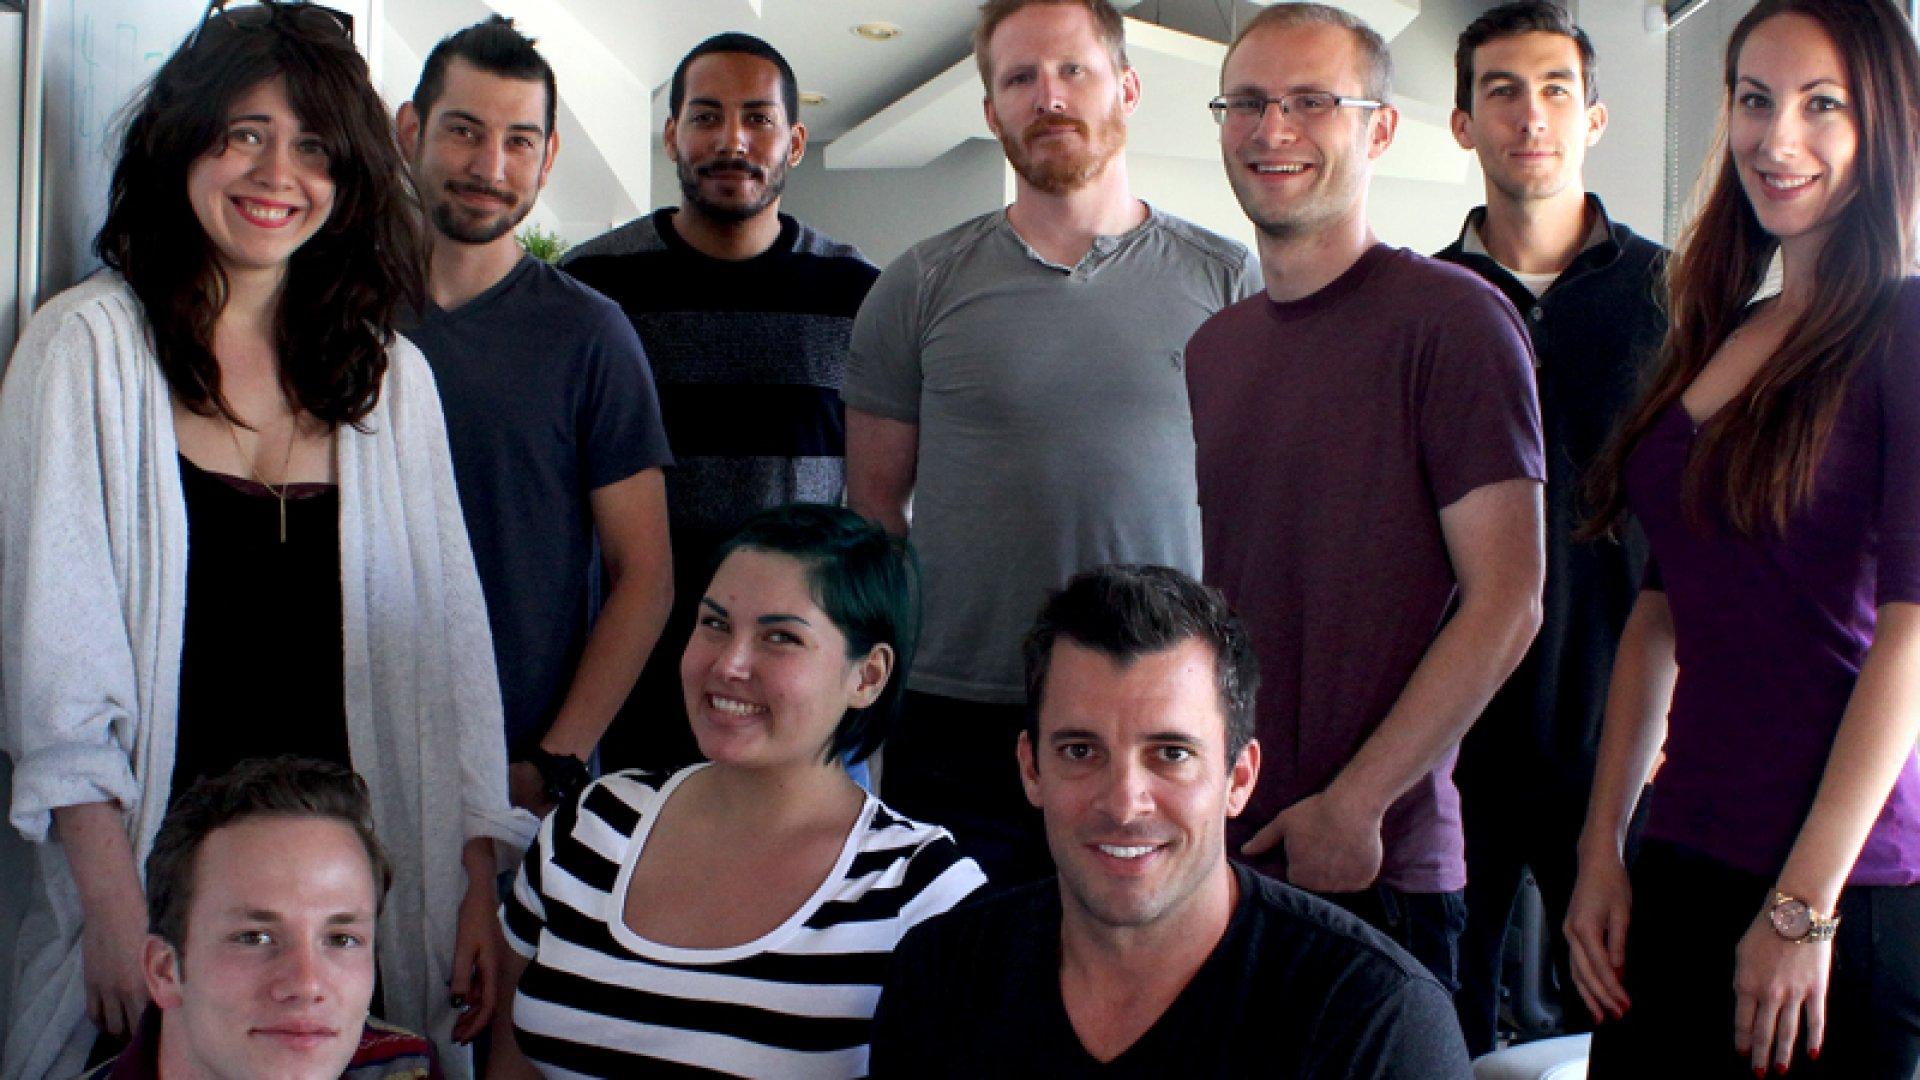 Matt Sandler (third from right) is the founder music-education startup Chromatik.